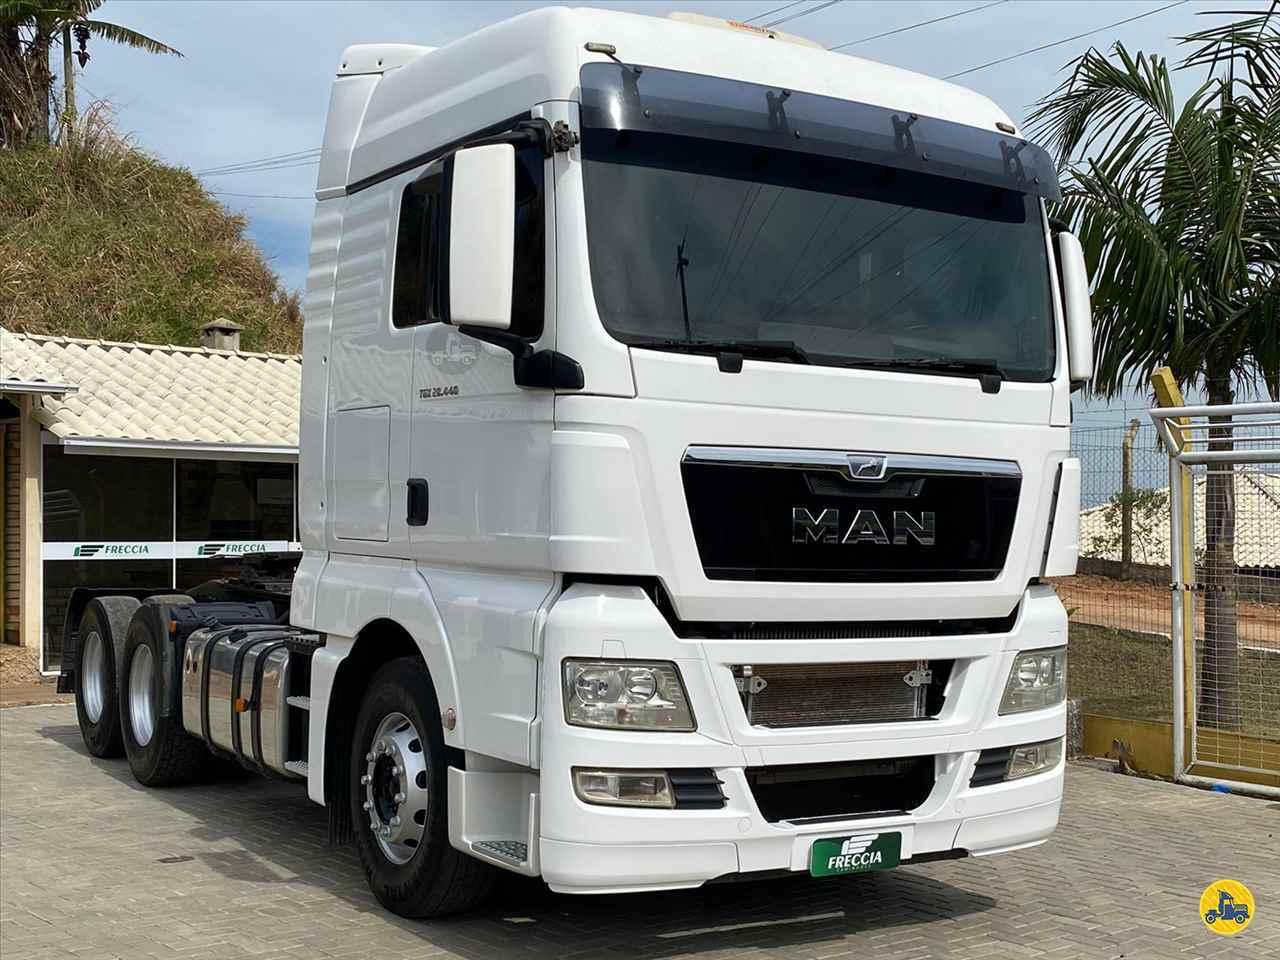 CAMINHAO MAN TGX 28 440 Cavalo Mecânico Truck 6x2 Freccia Caminhões JAGUARUNA SANTA CATARINA SC